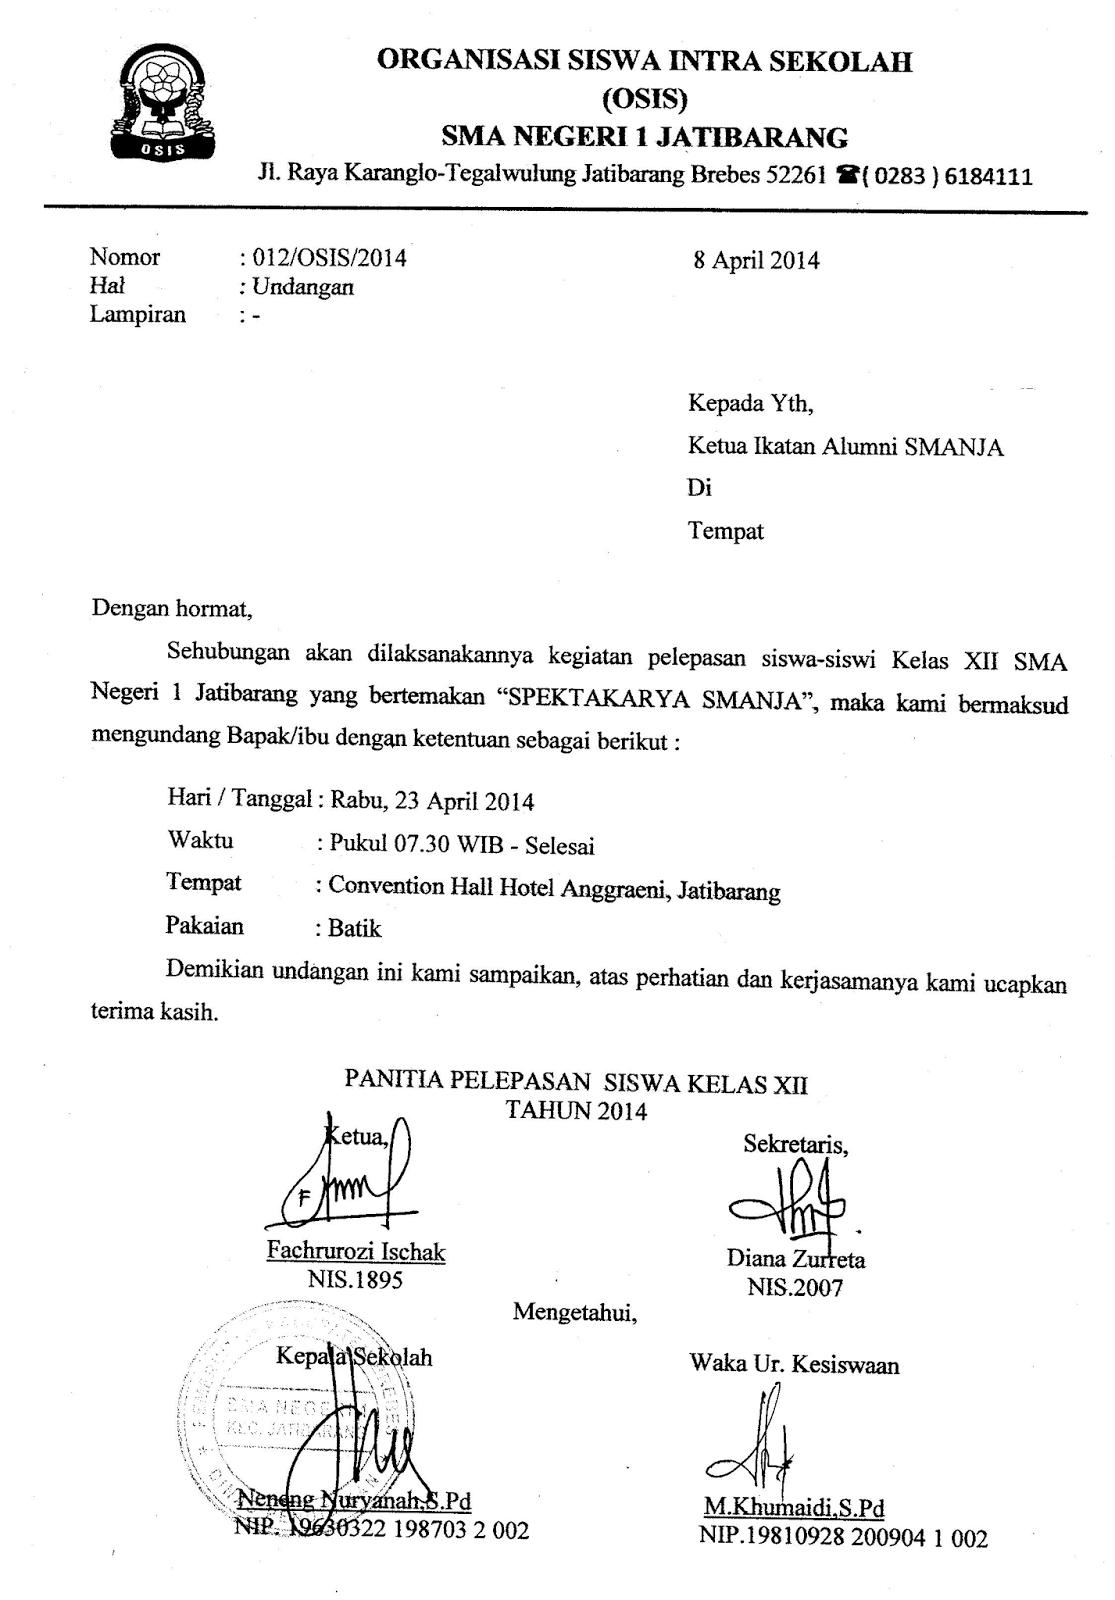 Contoh Surat Undangan Acara Perpisahan Kelas Xii - Contoh ...